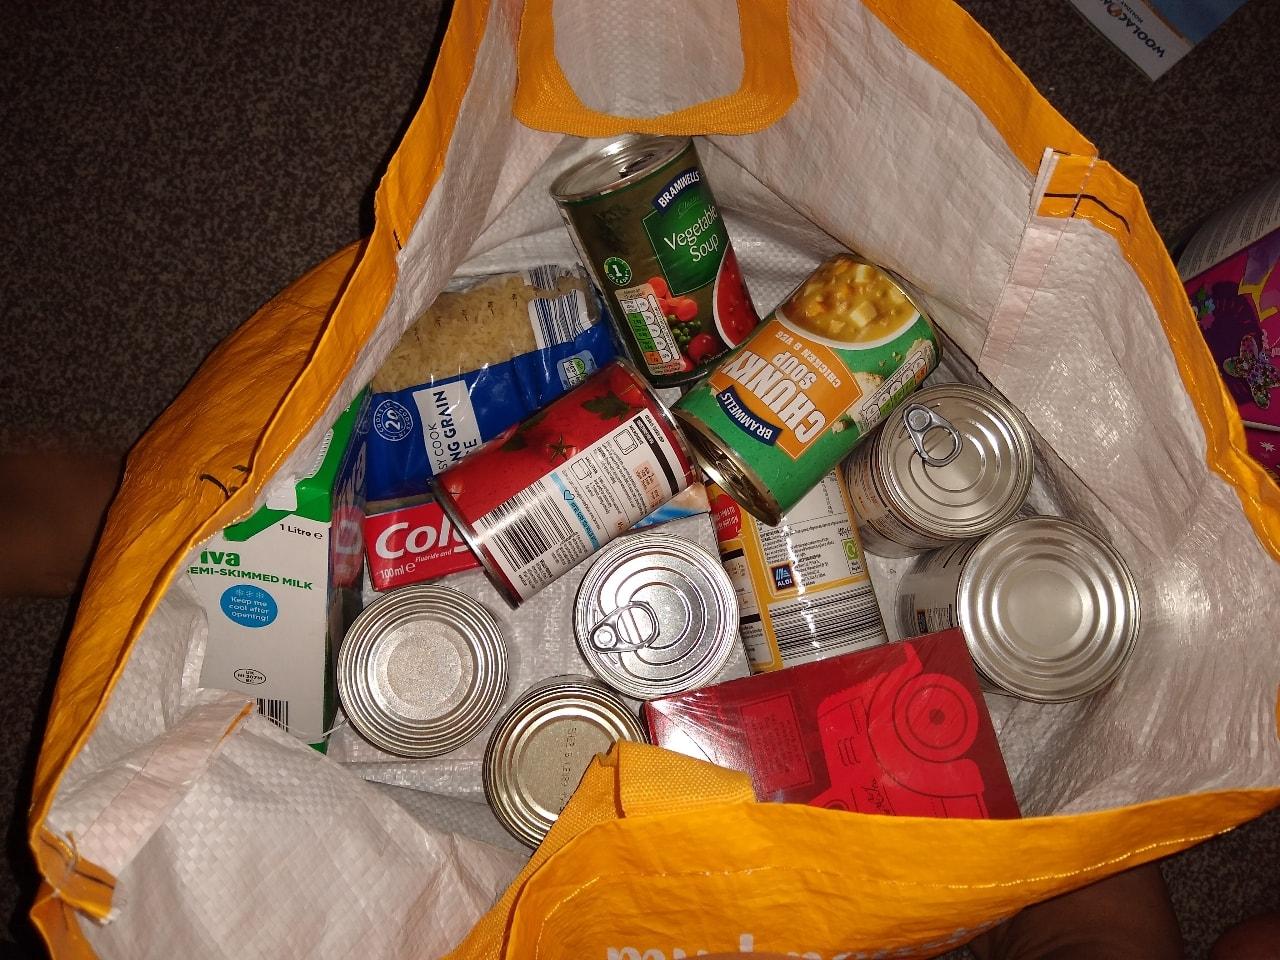 Cupboard food